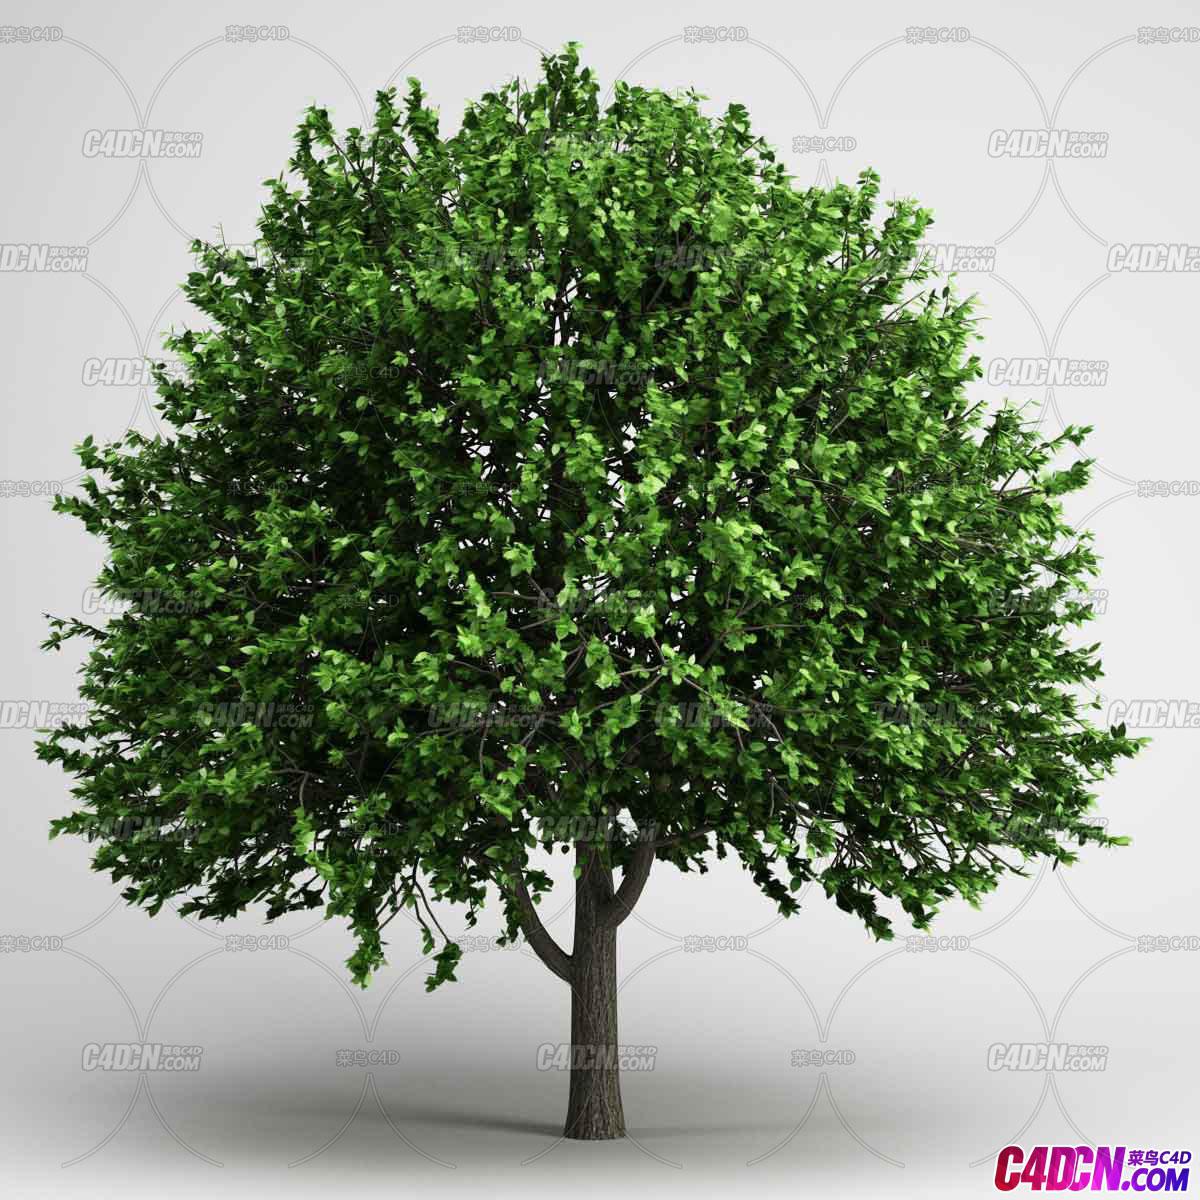 lvshu绿树植物C4D模型免费下载